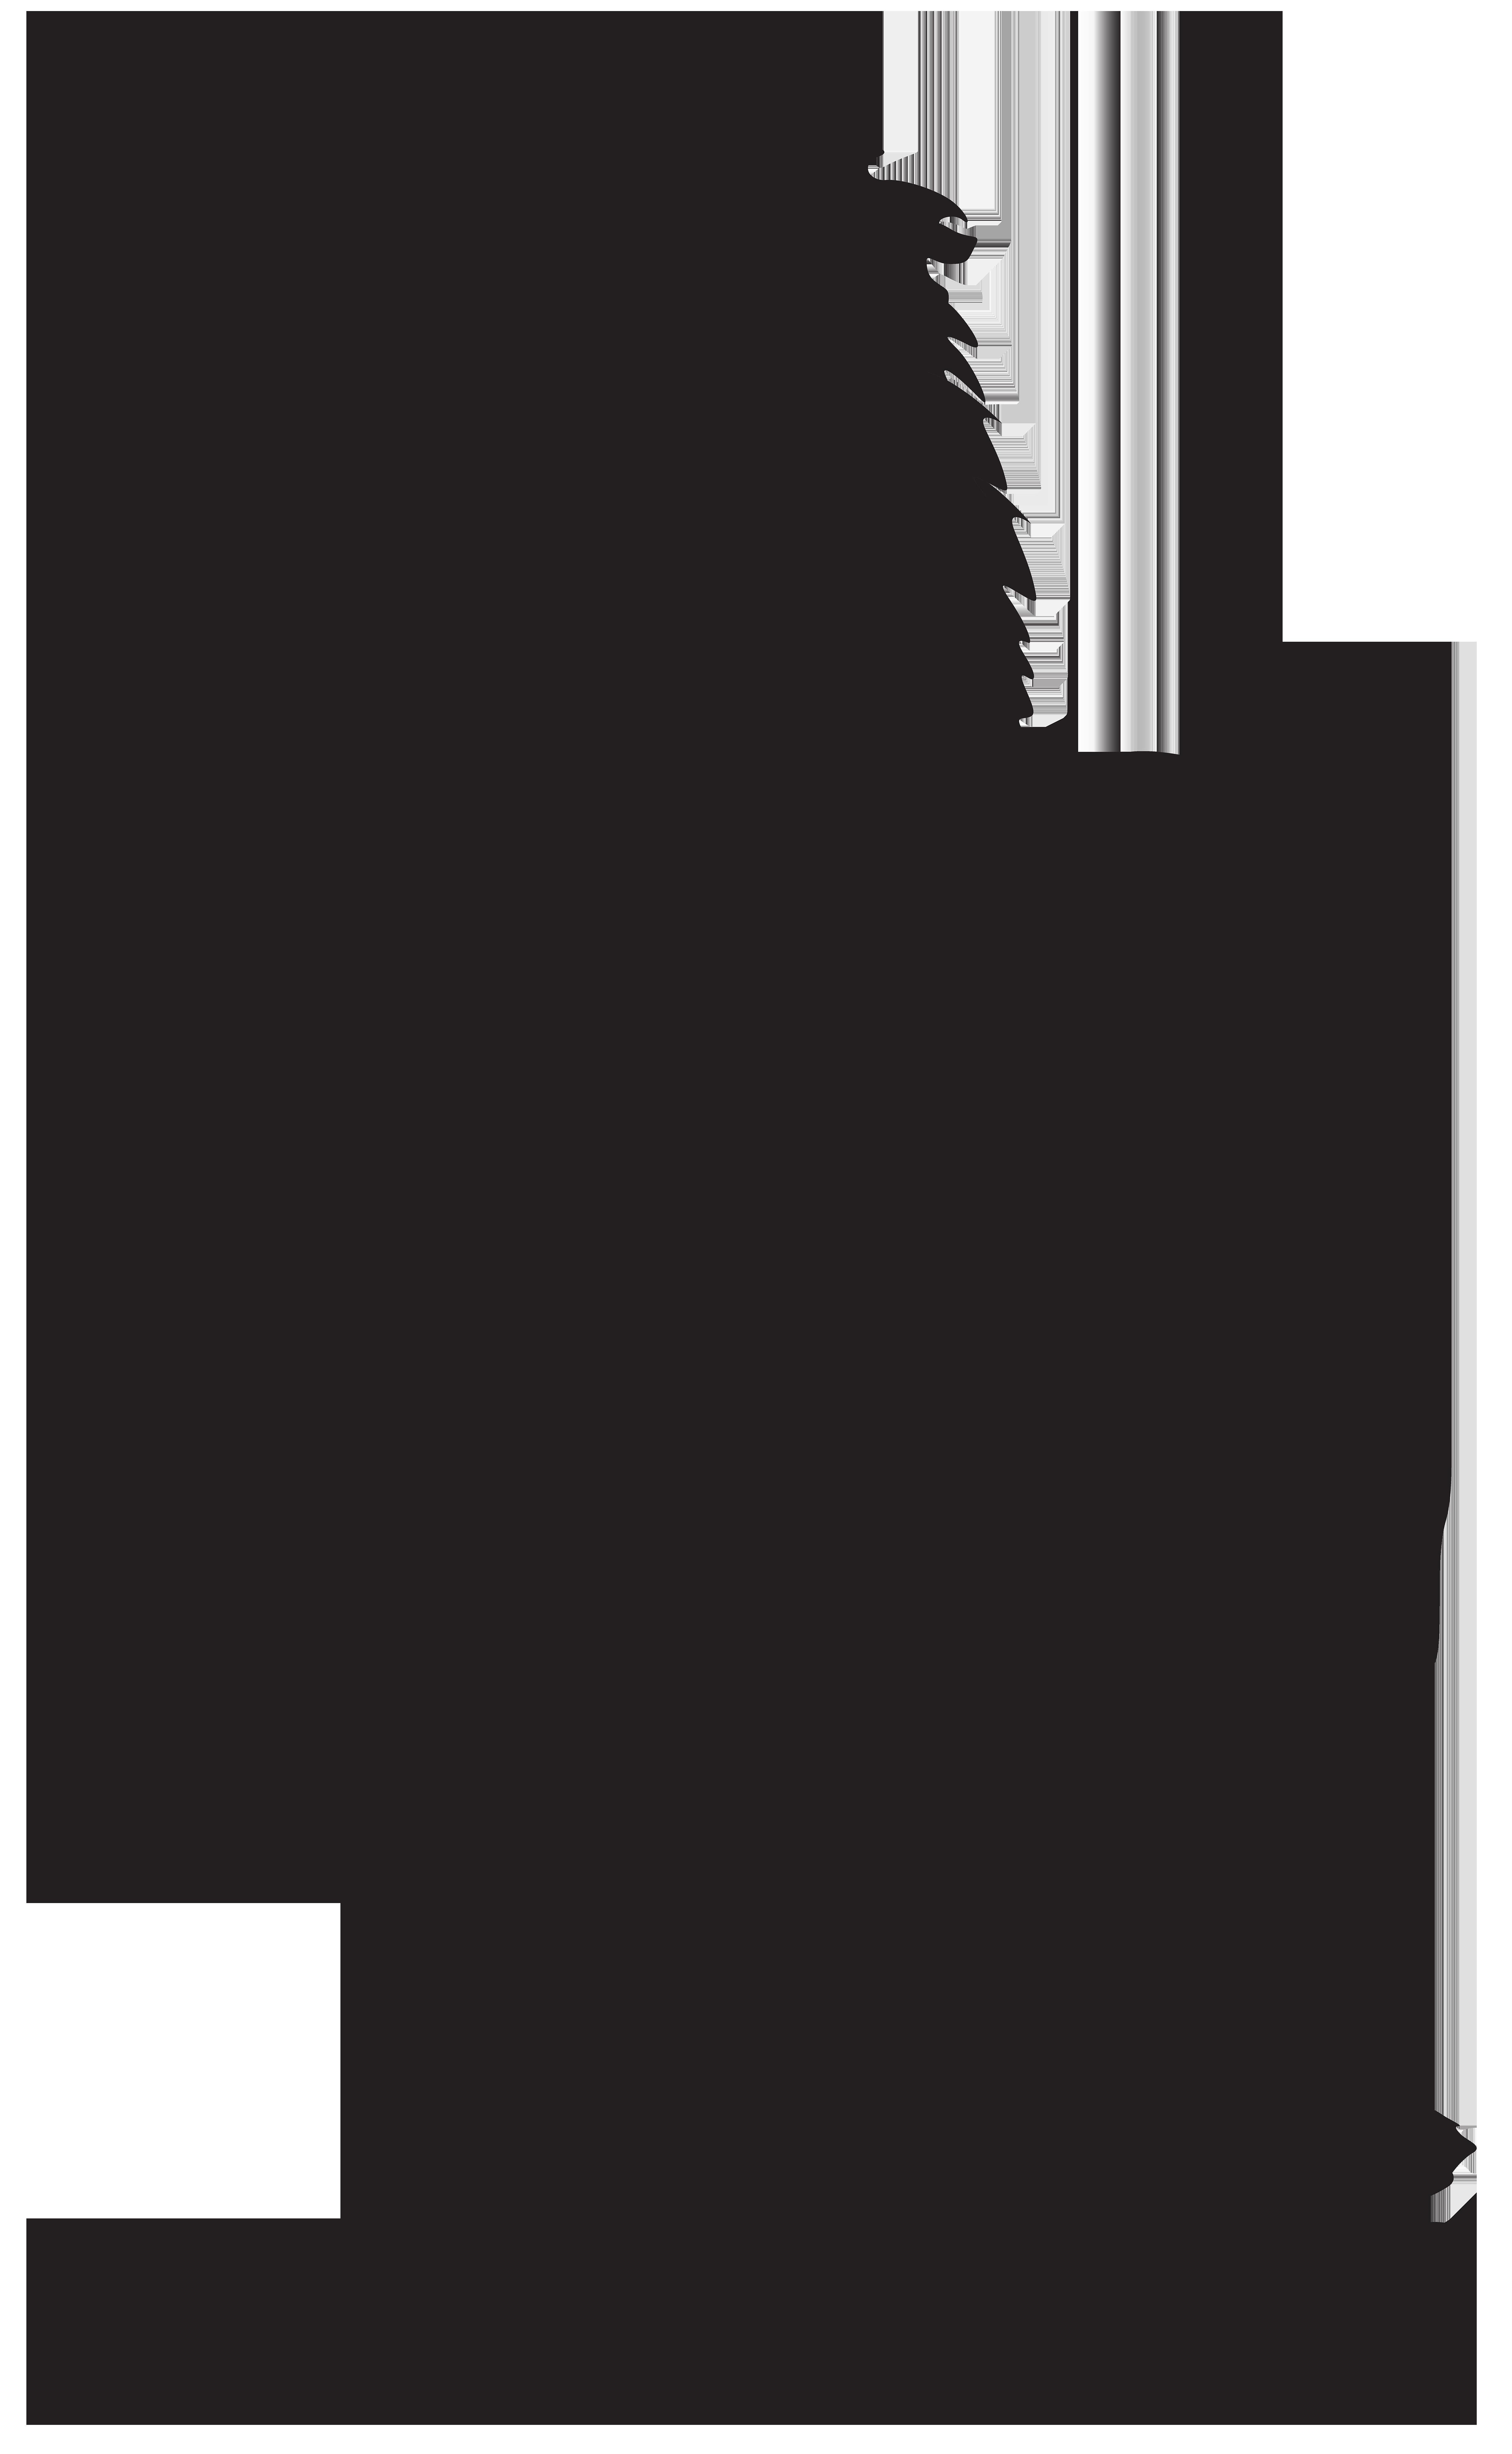 Clipart zebra shadow. Lion silhouette png transparent